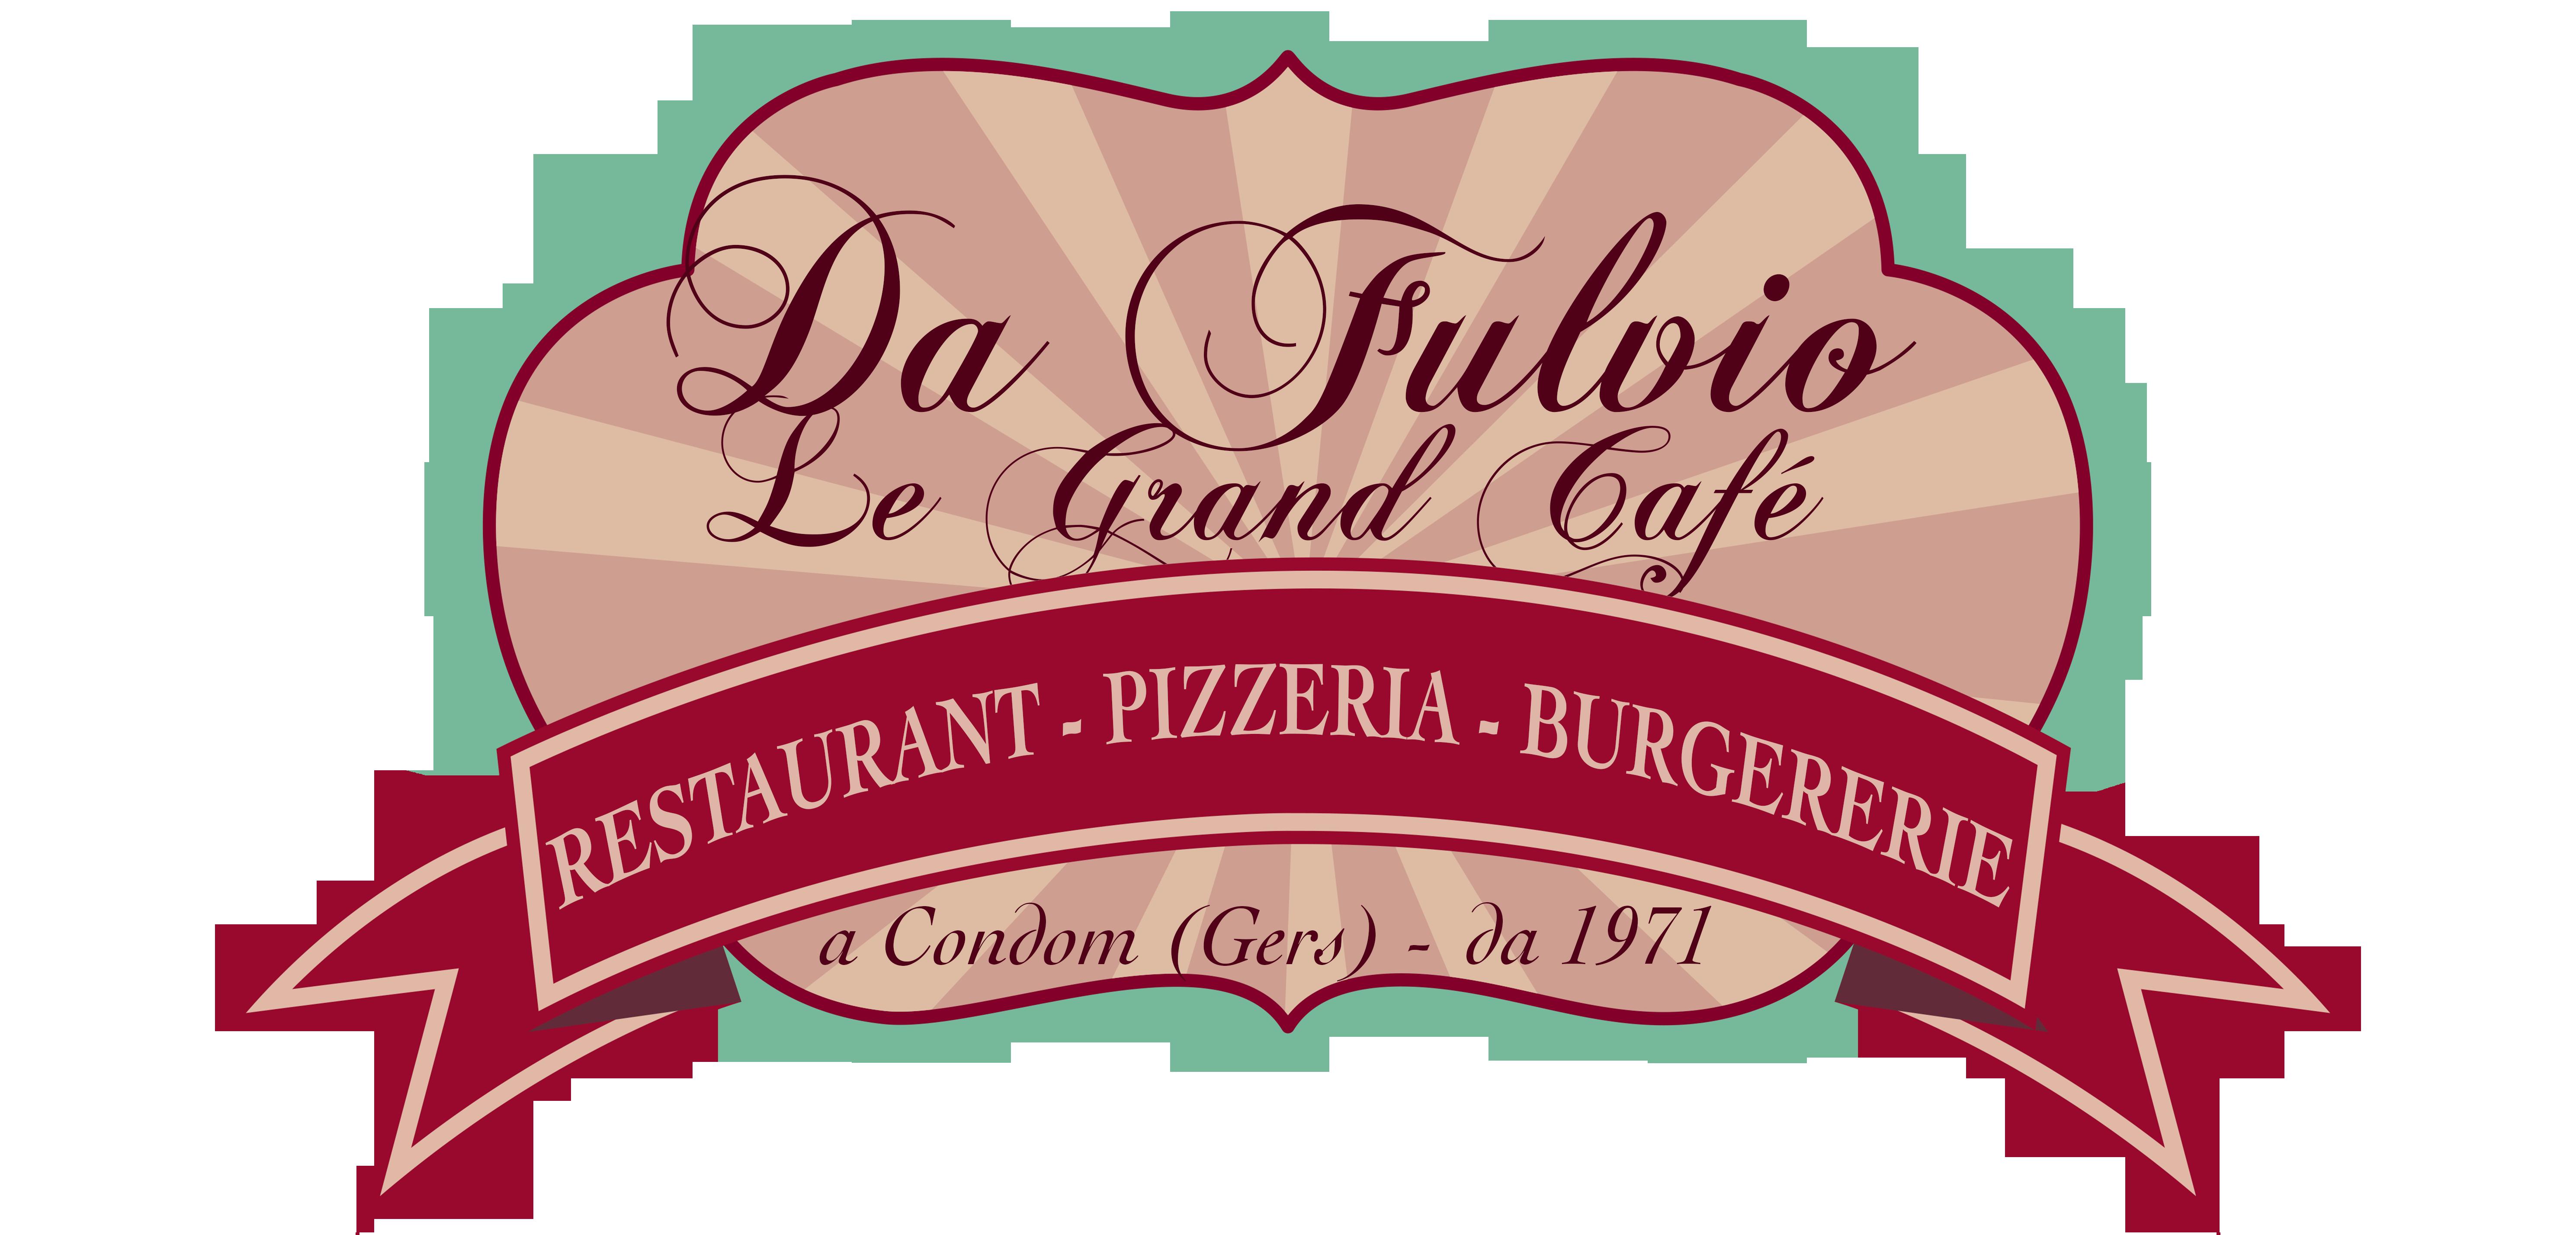 Logo Le Grand Café - Brasserie Da Fulvio